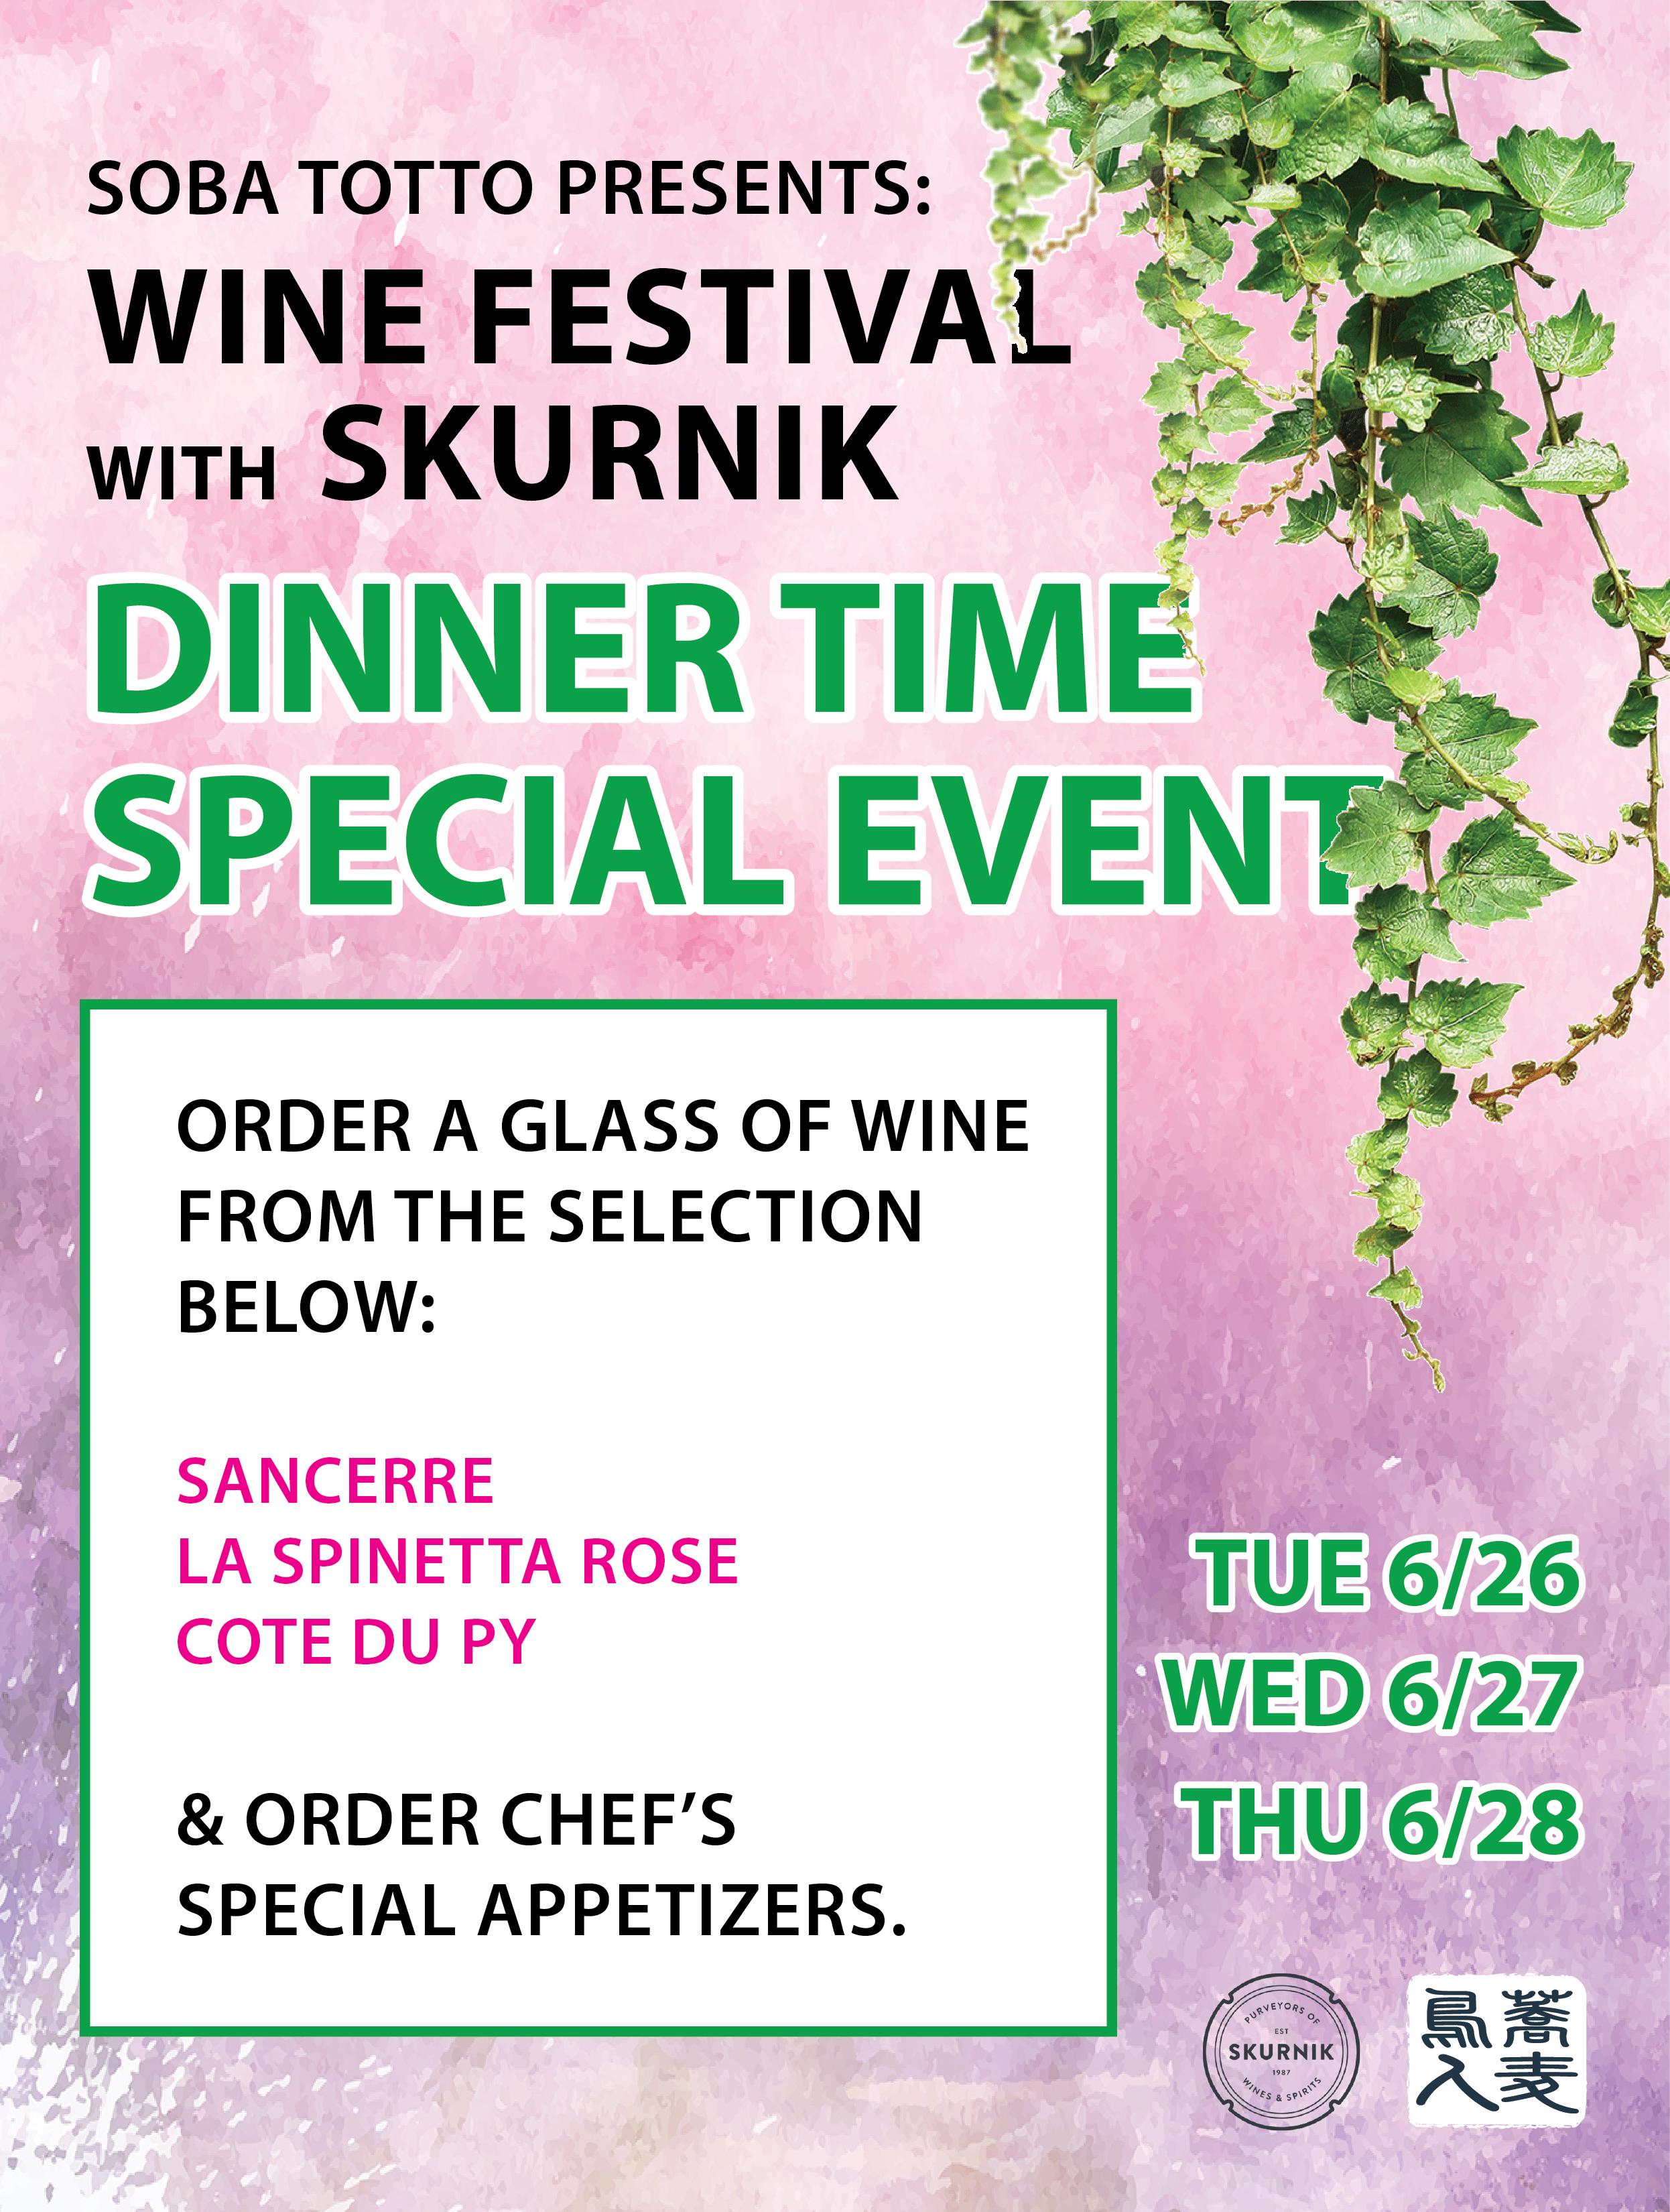 June 2018 Wine event w Skurnik Flyer.png